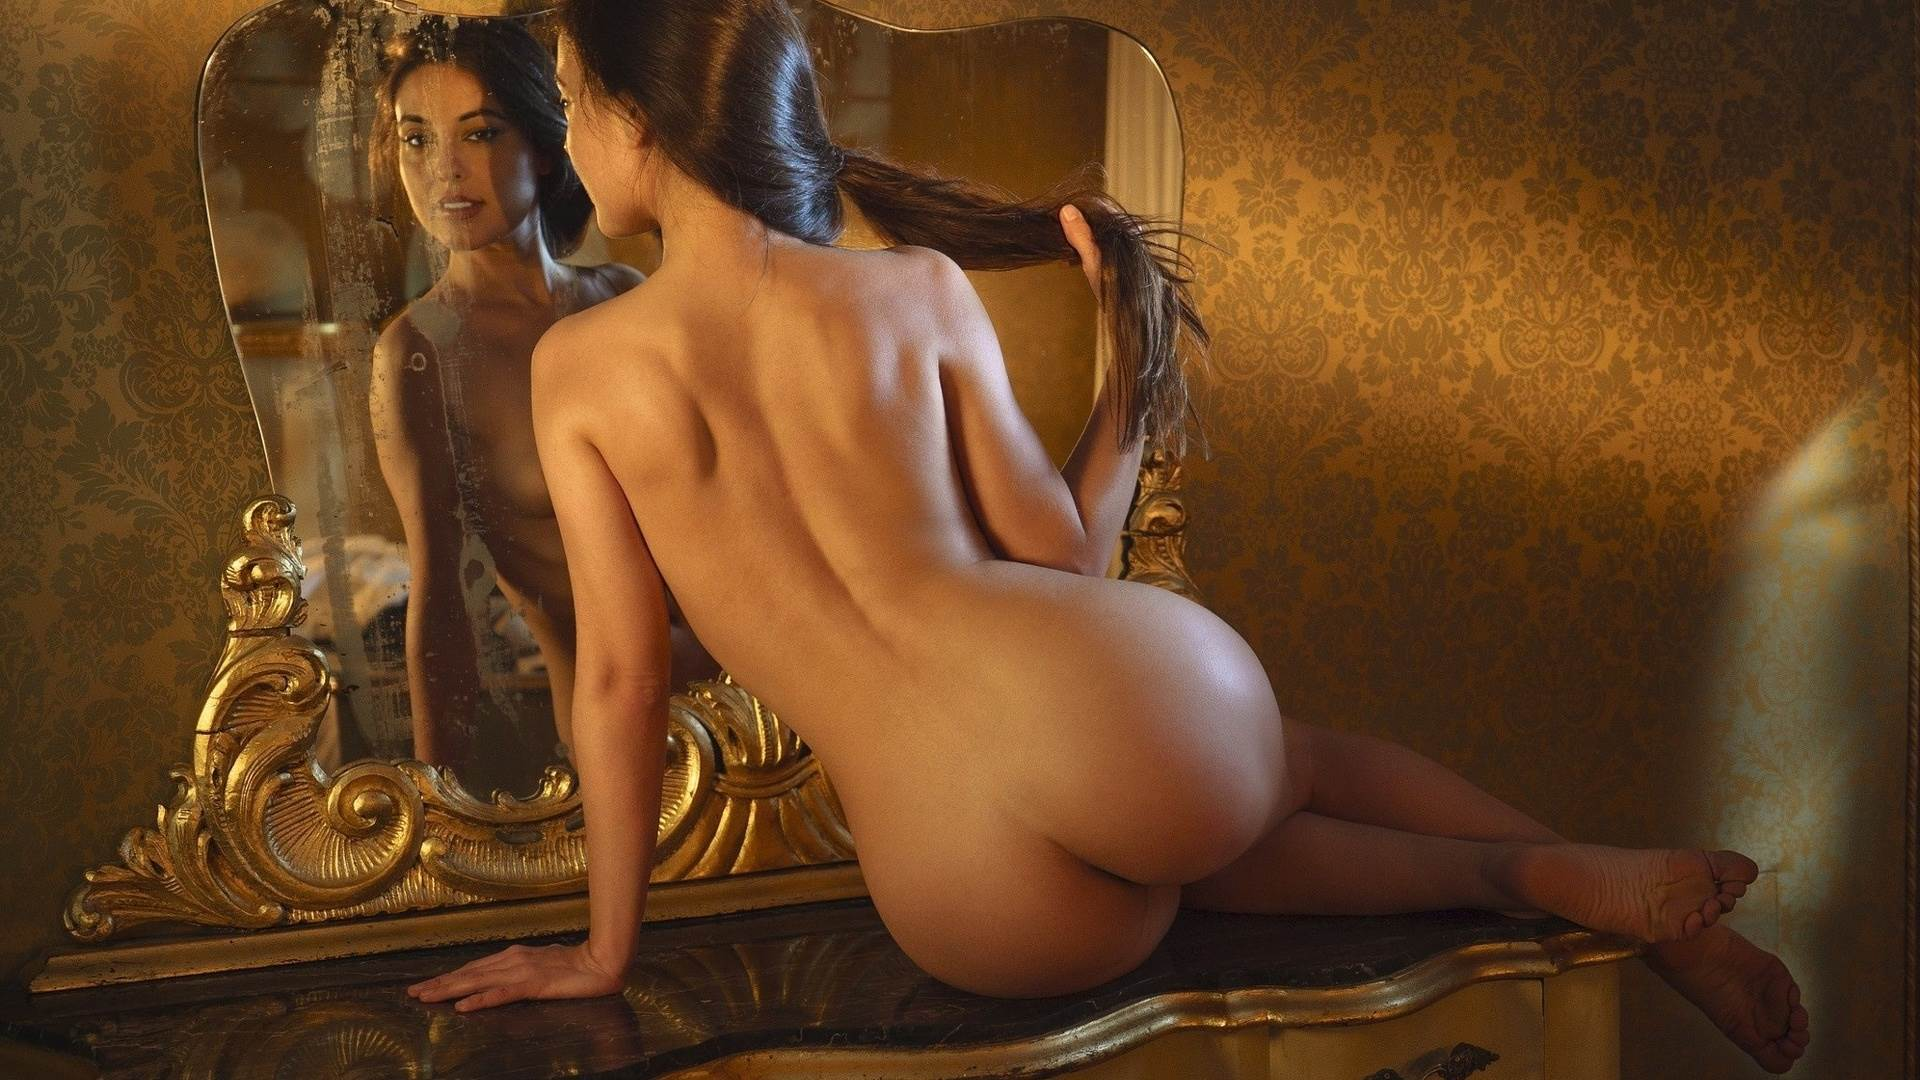 Смотреть крутую эротику фото, задница негритянок порно фото